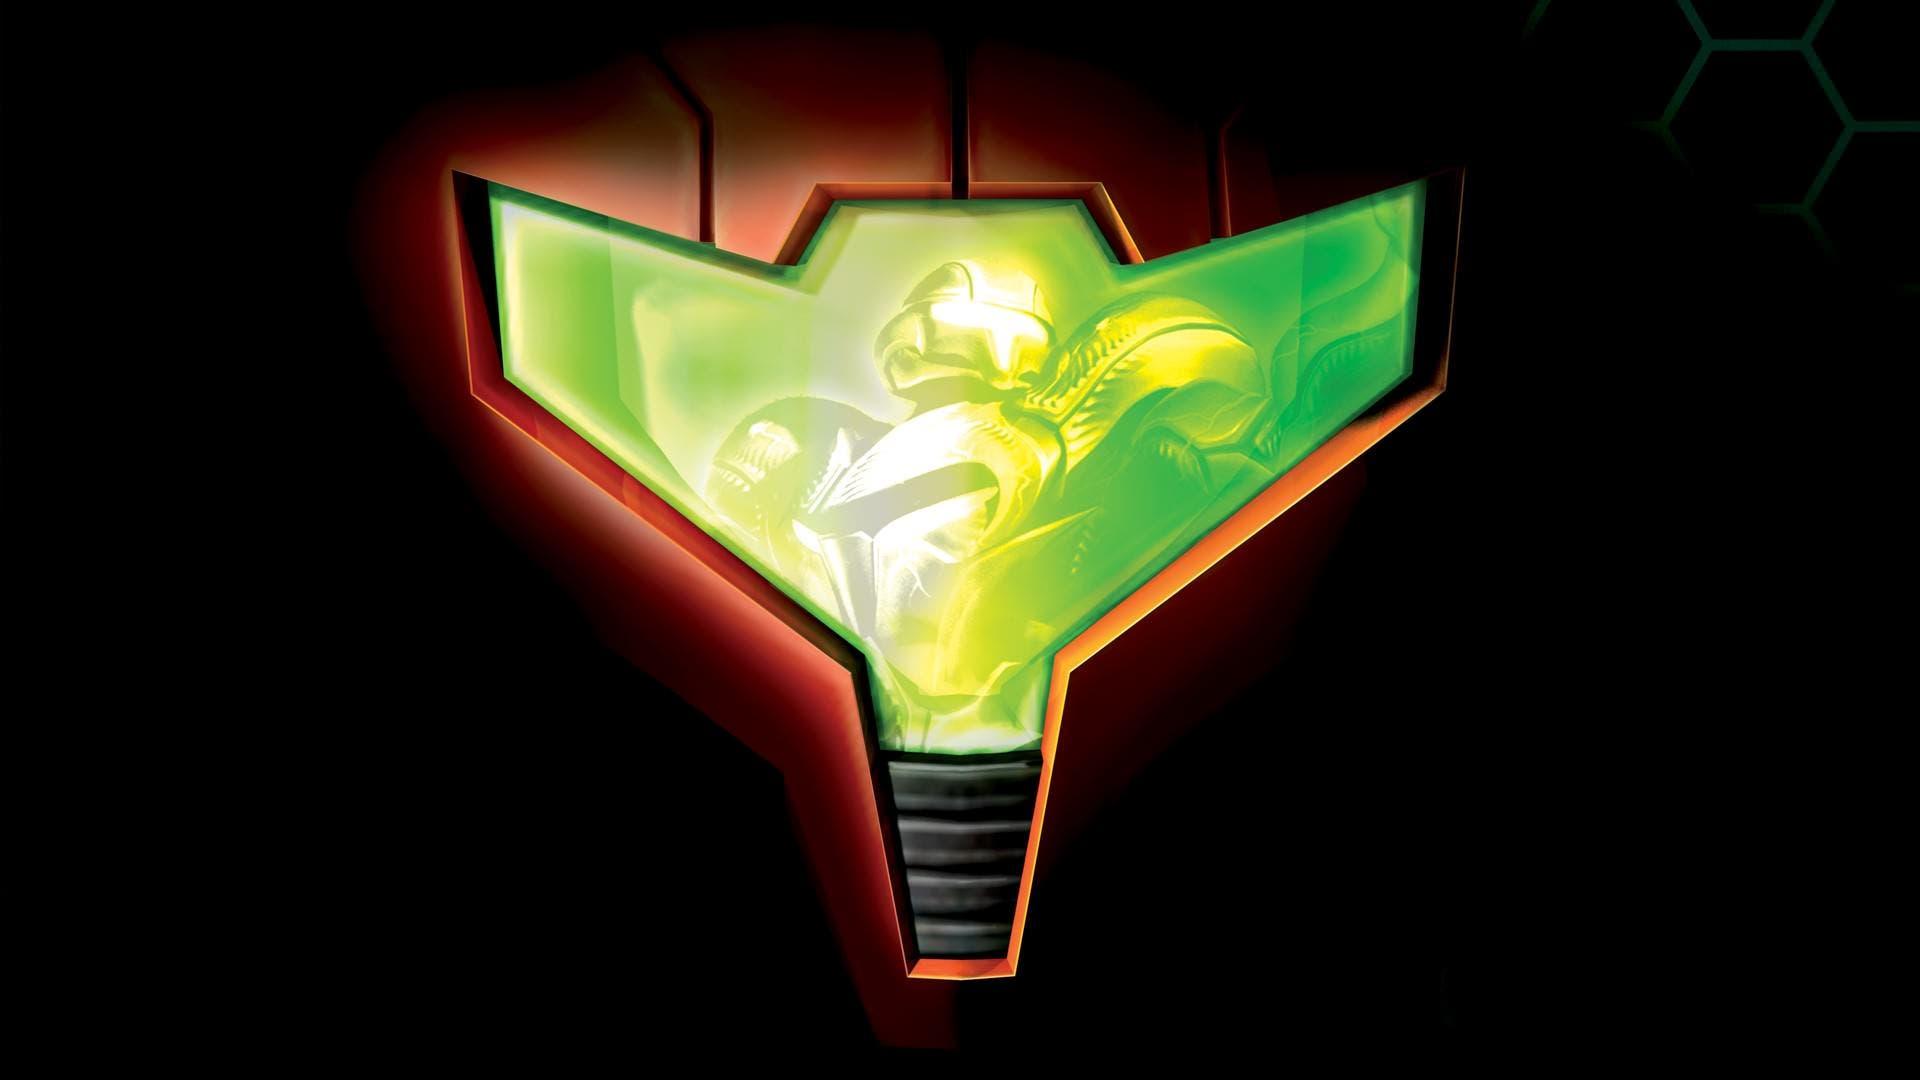 Desarrolladores de Super Lucky's Tale, Crysis 3yDC Universe Online se unen a Retro Studios, responsable de Metroid Prime 4